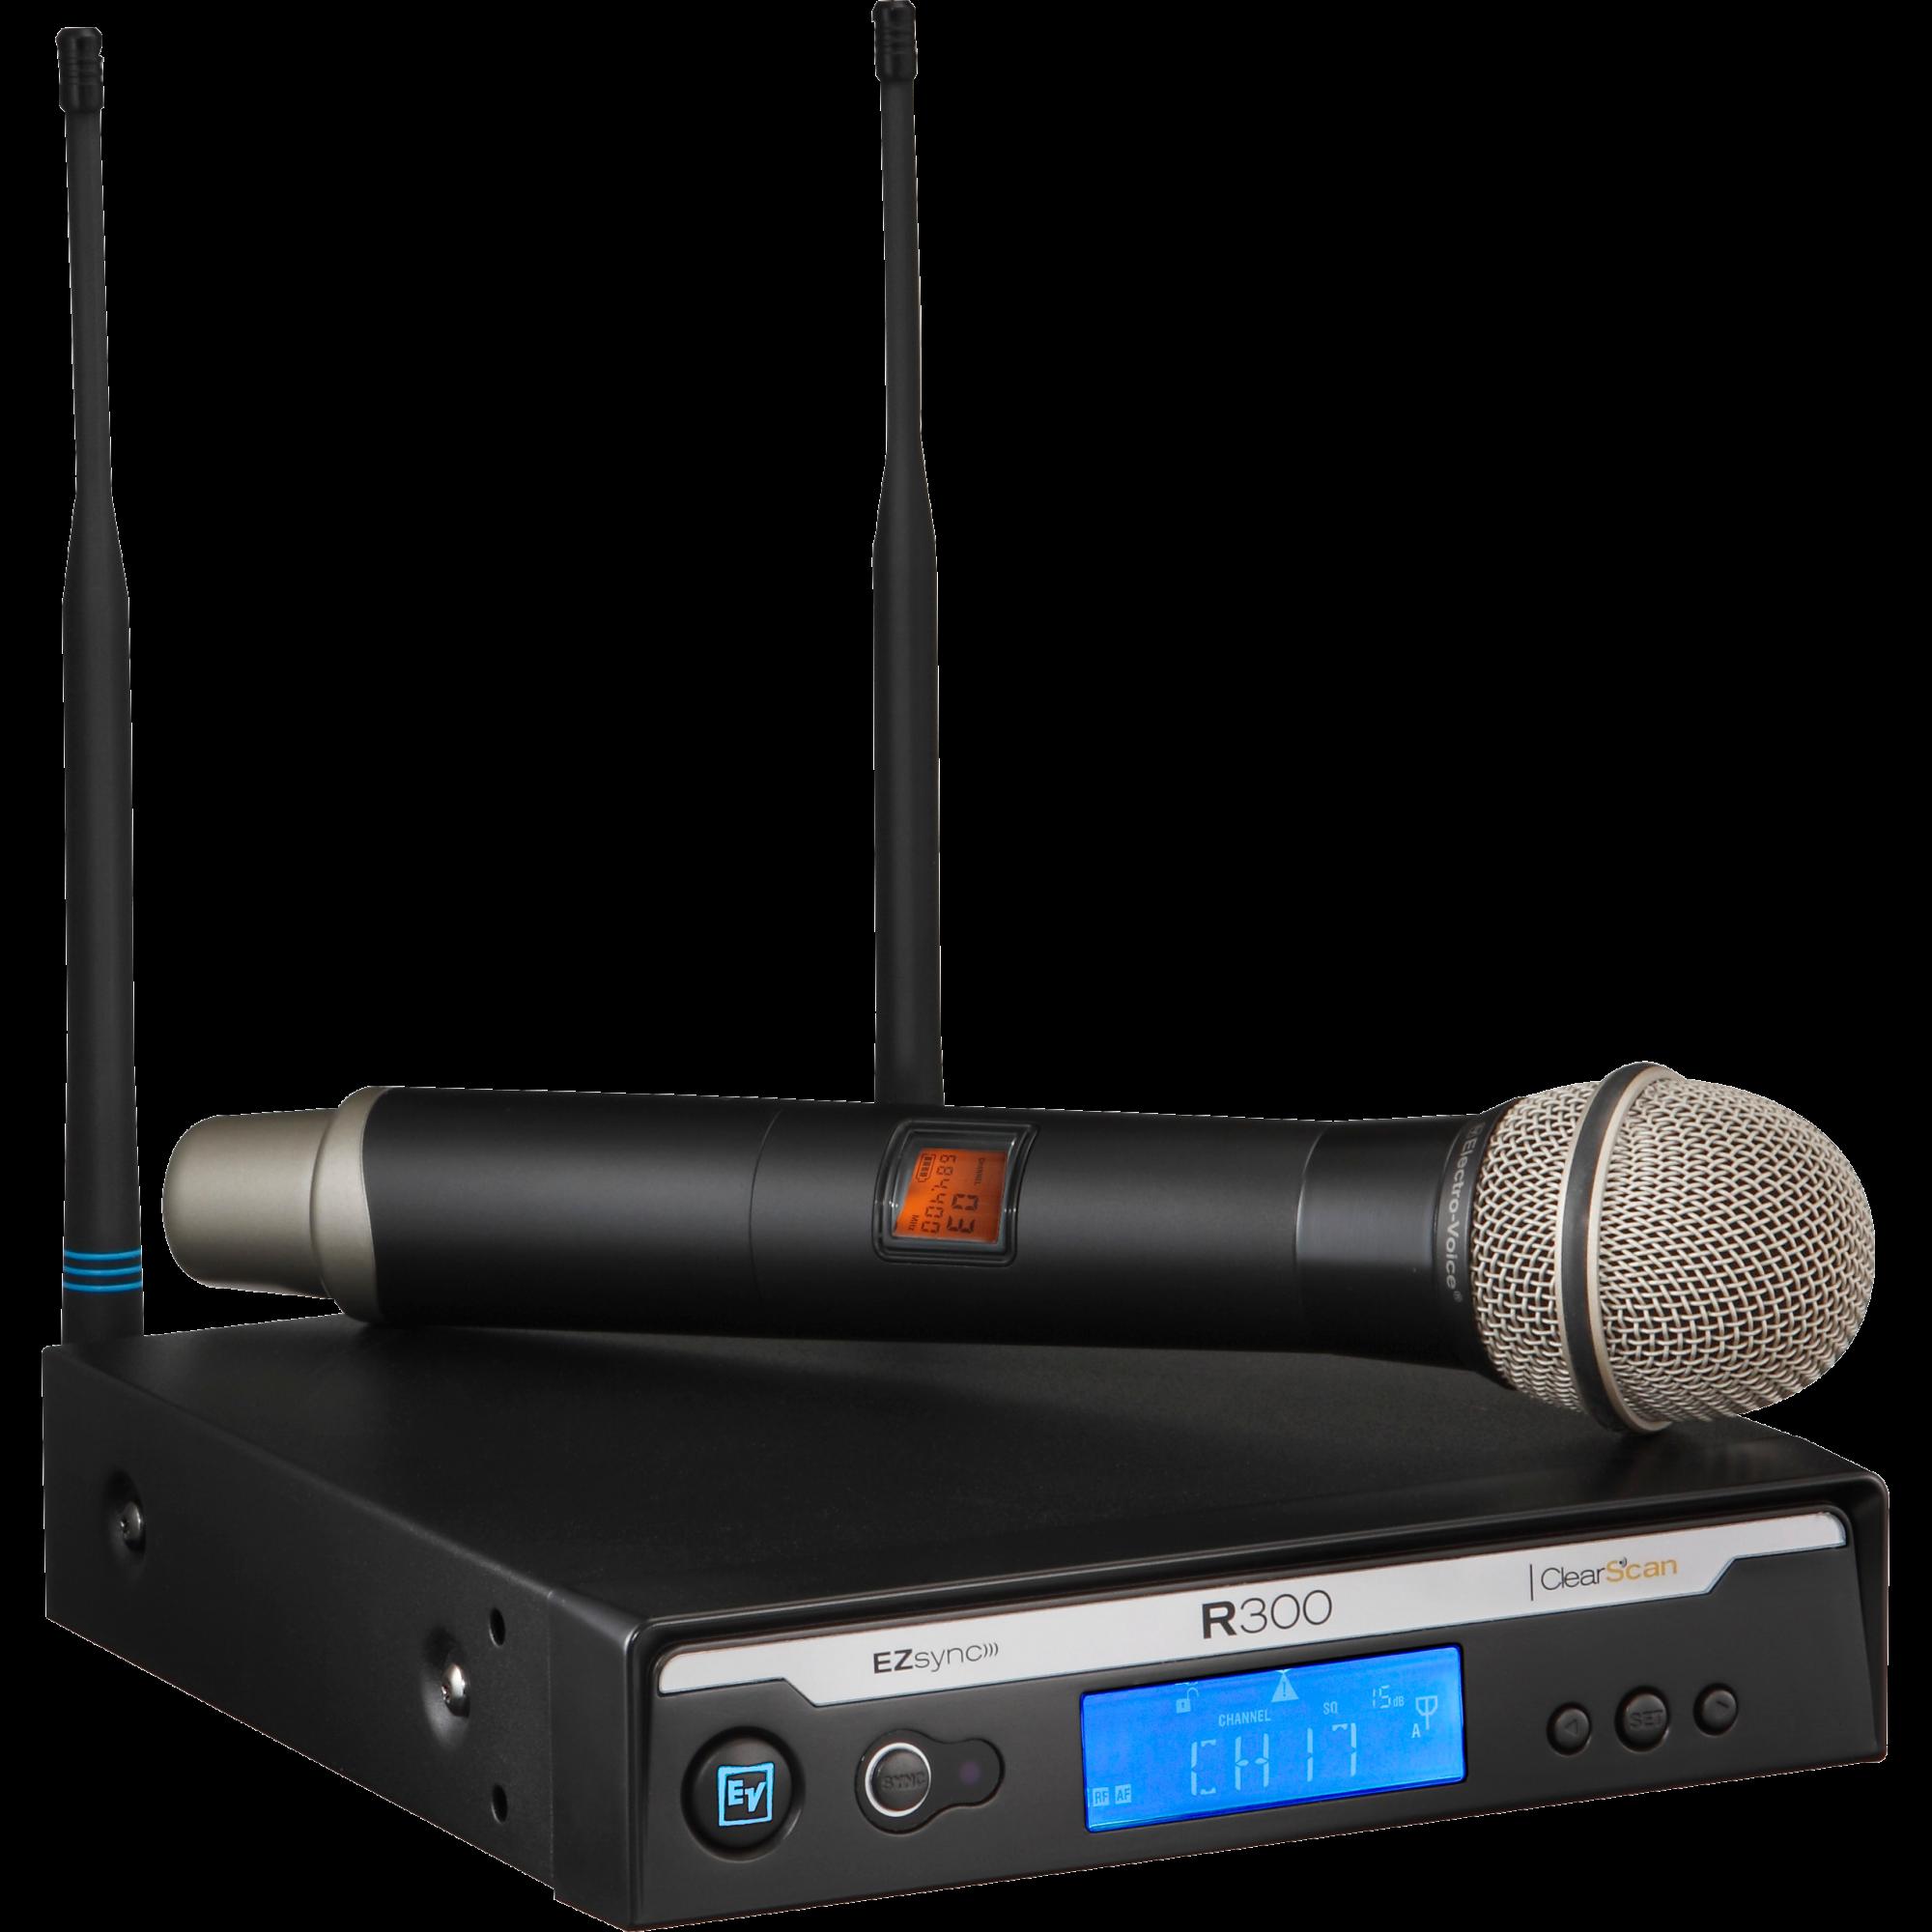 Electro-Voice R300-HD Trådløs Håndholdt mikrofon Frekvensbåndbredde E (850 - 865 MHz)